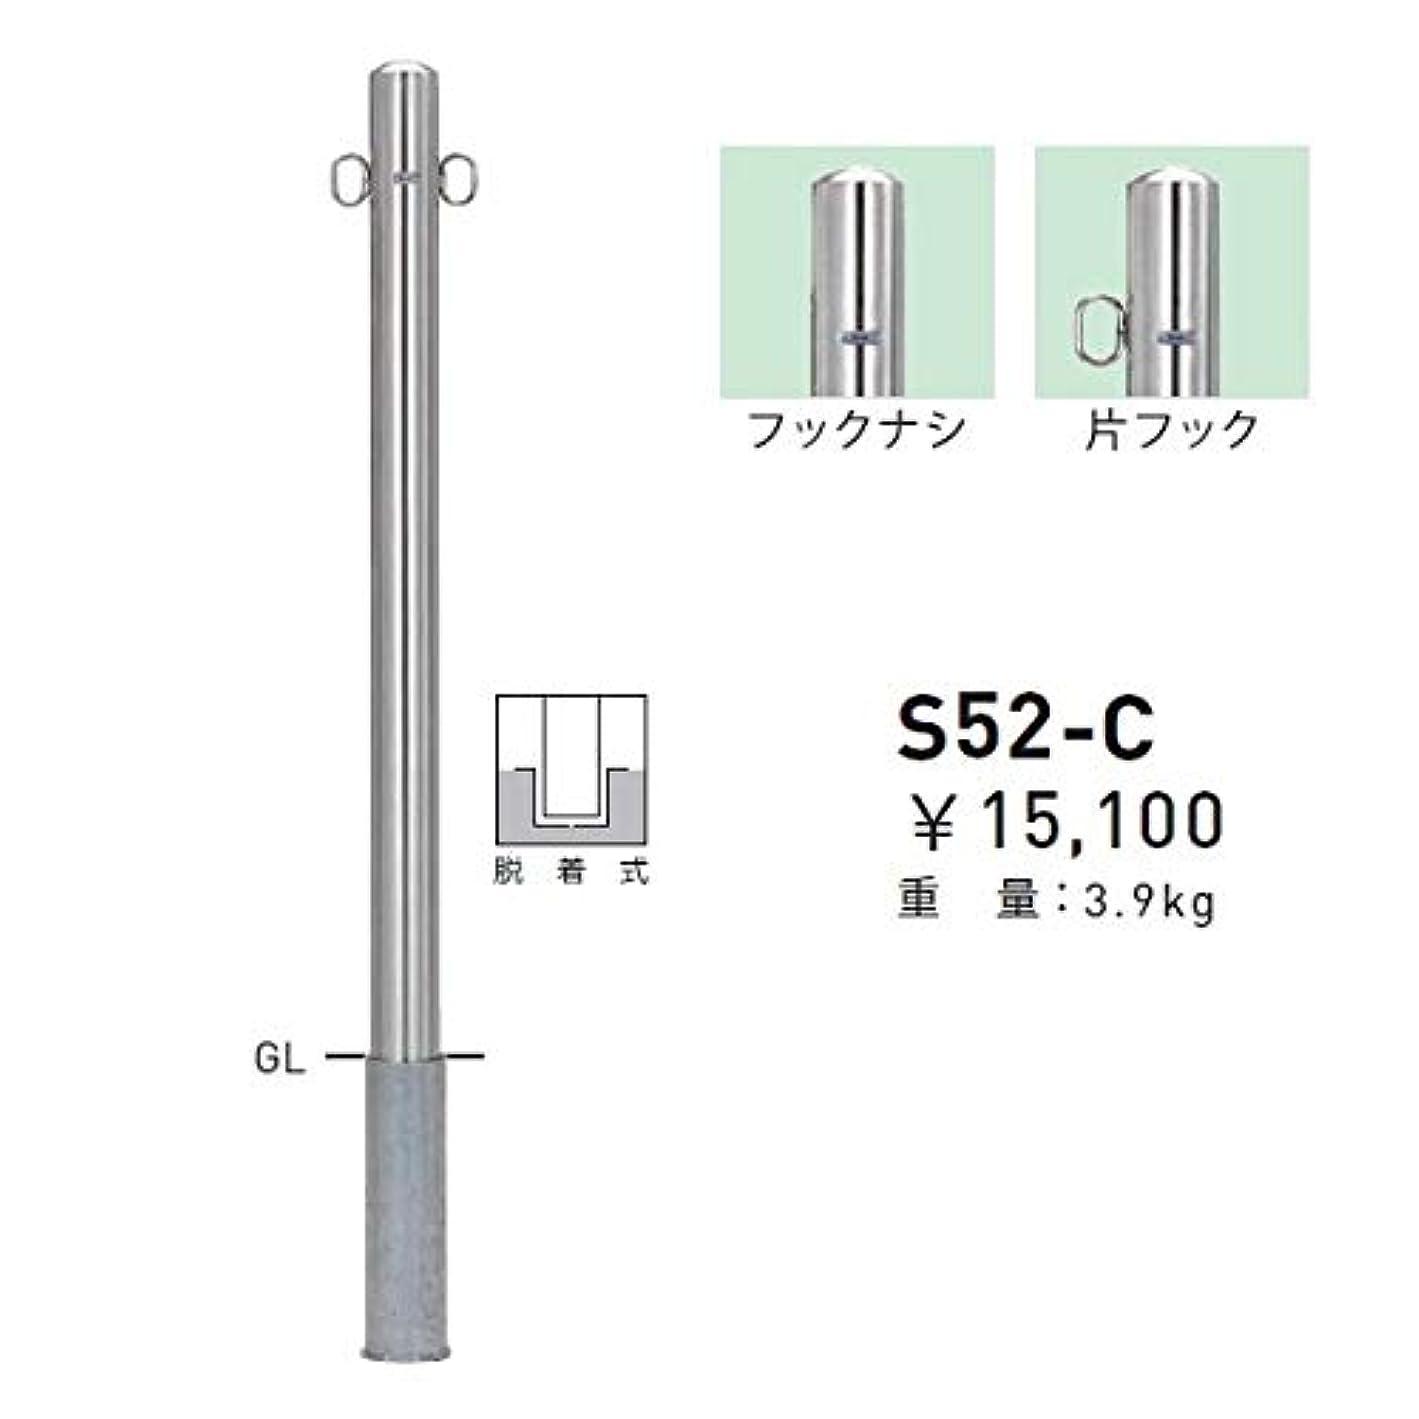 確立ダウンタウン真珠のような帝金 S52-C バリカーピラー型 スタンダード ステンレスタイプ 直径60.5mm 脱着式